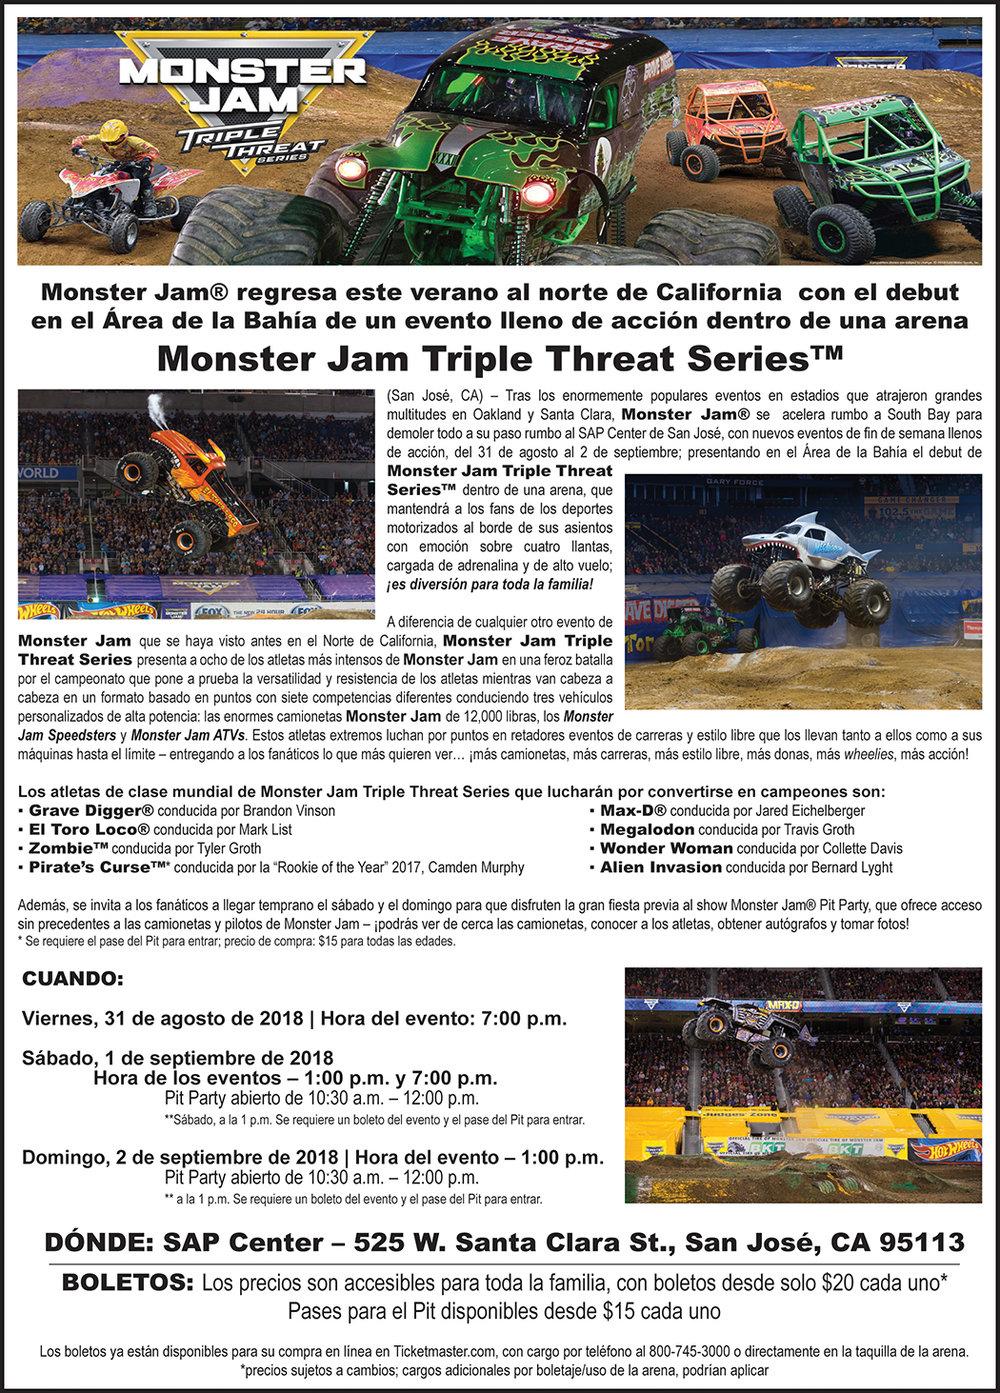 Monster Jam 1 Pag - Agosto 2018-01 copy.jpg